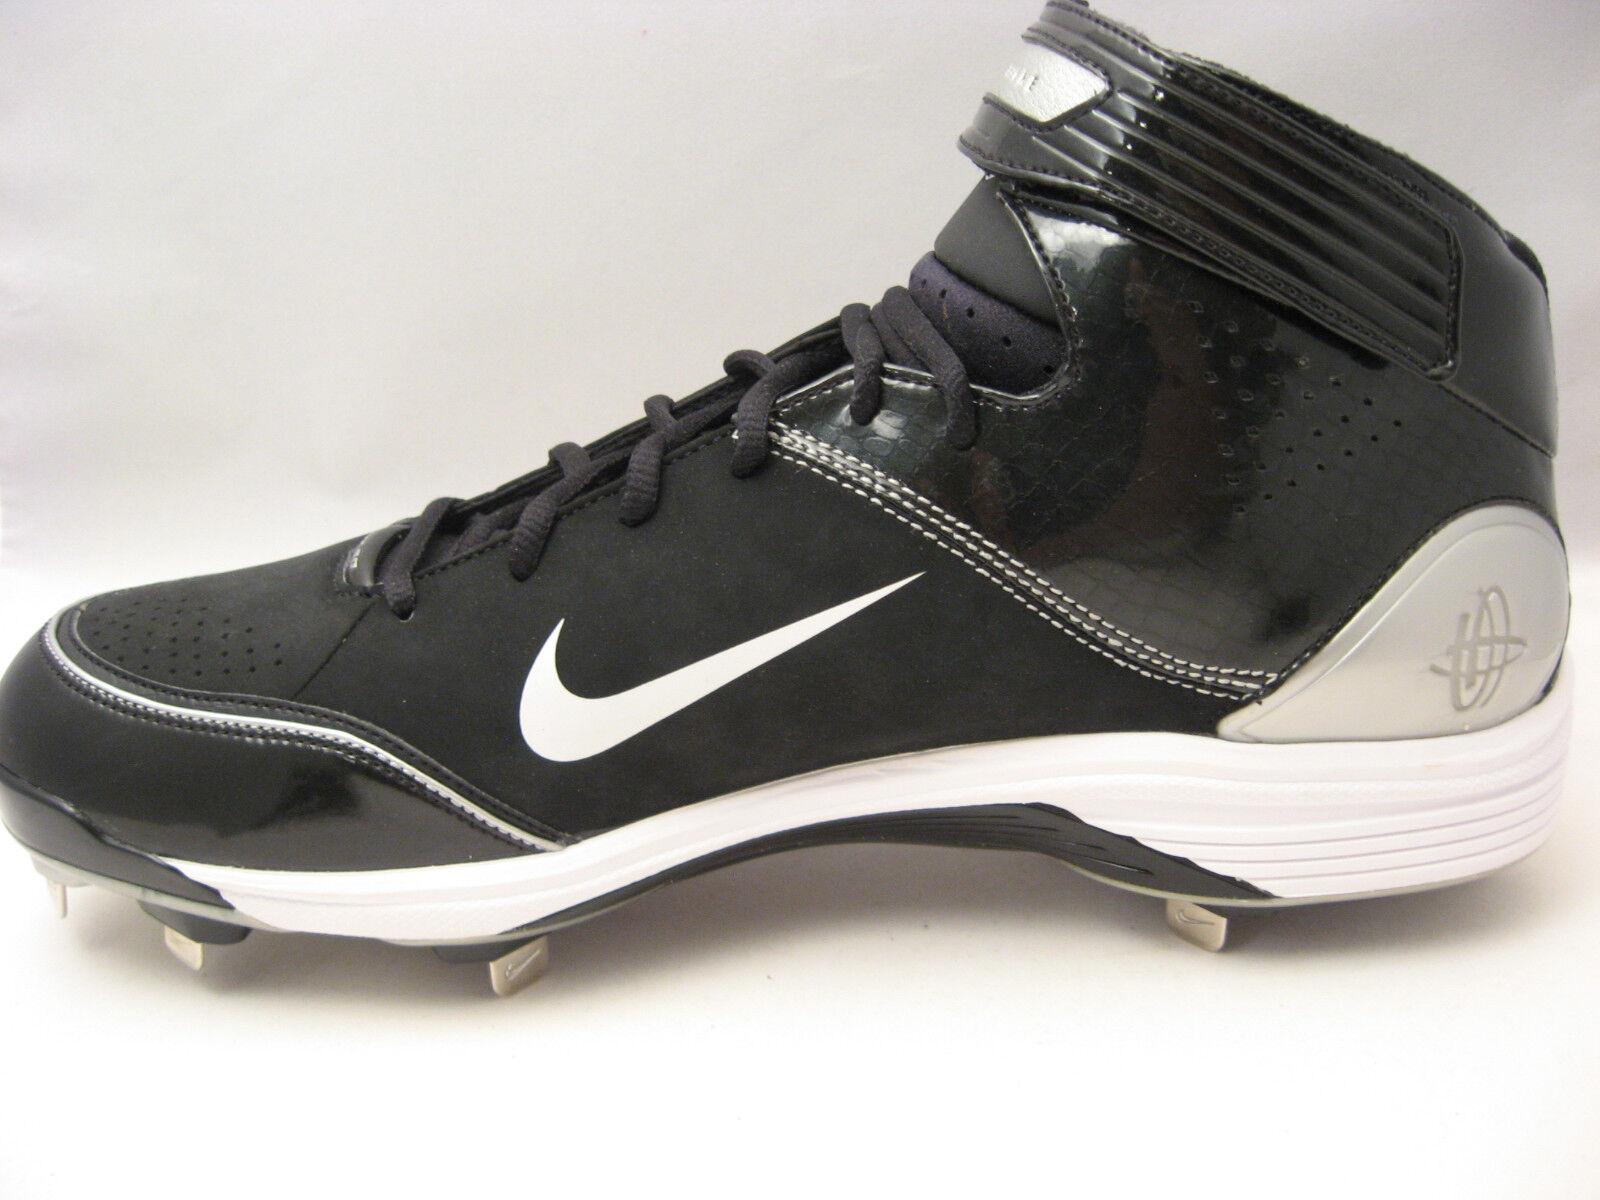 Nike Air huarache de metal Baseball cleats confortable despacho venta de huarache temporada 1ba570